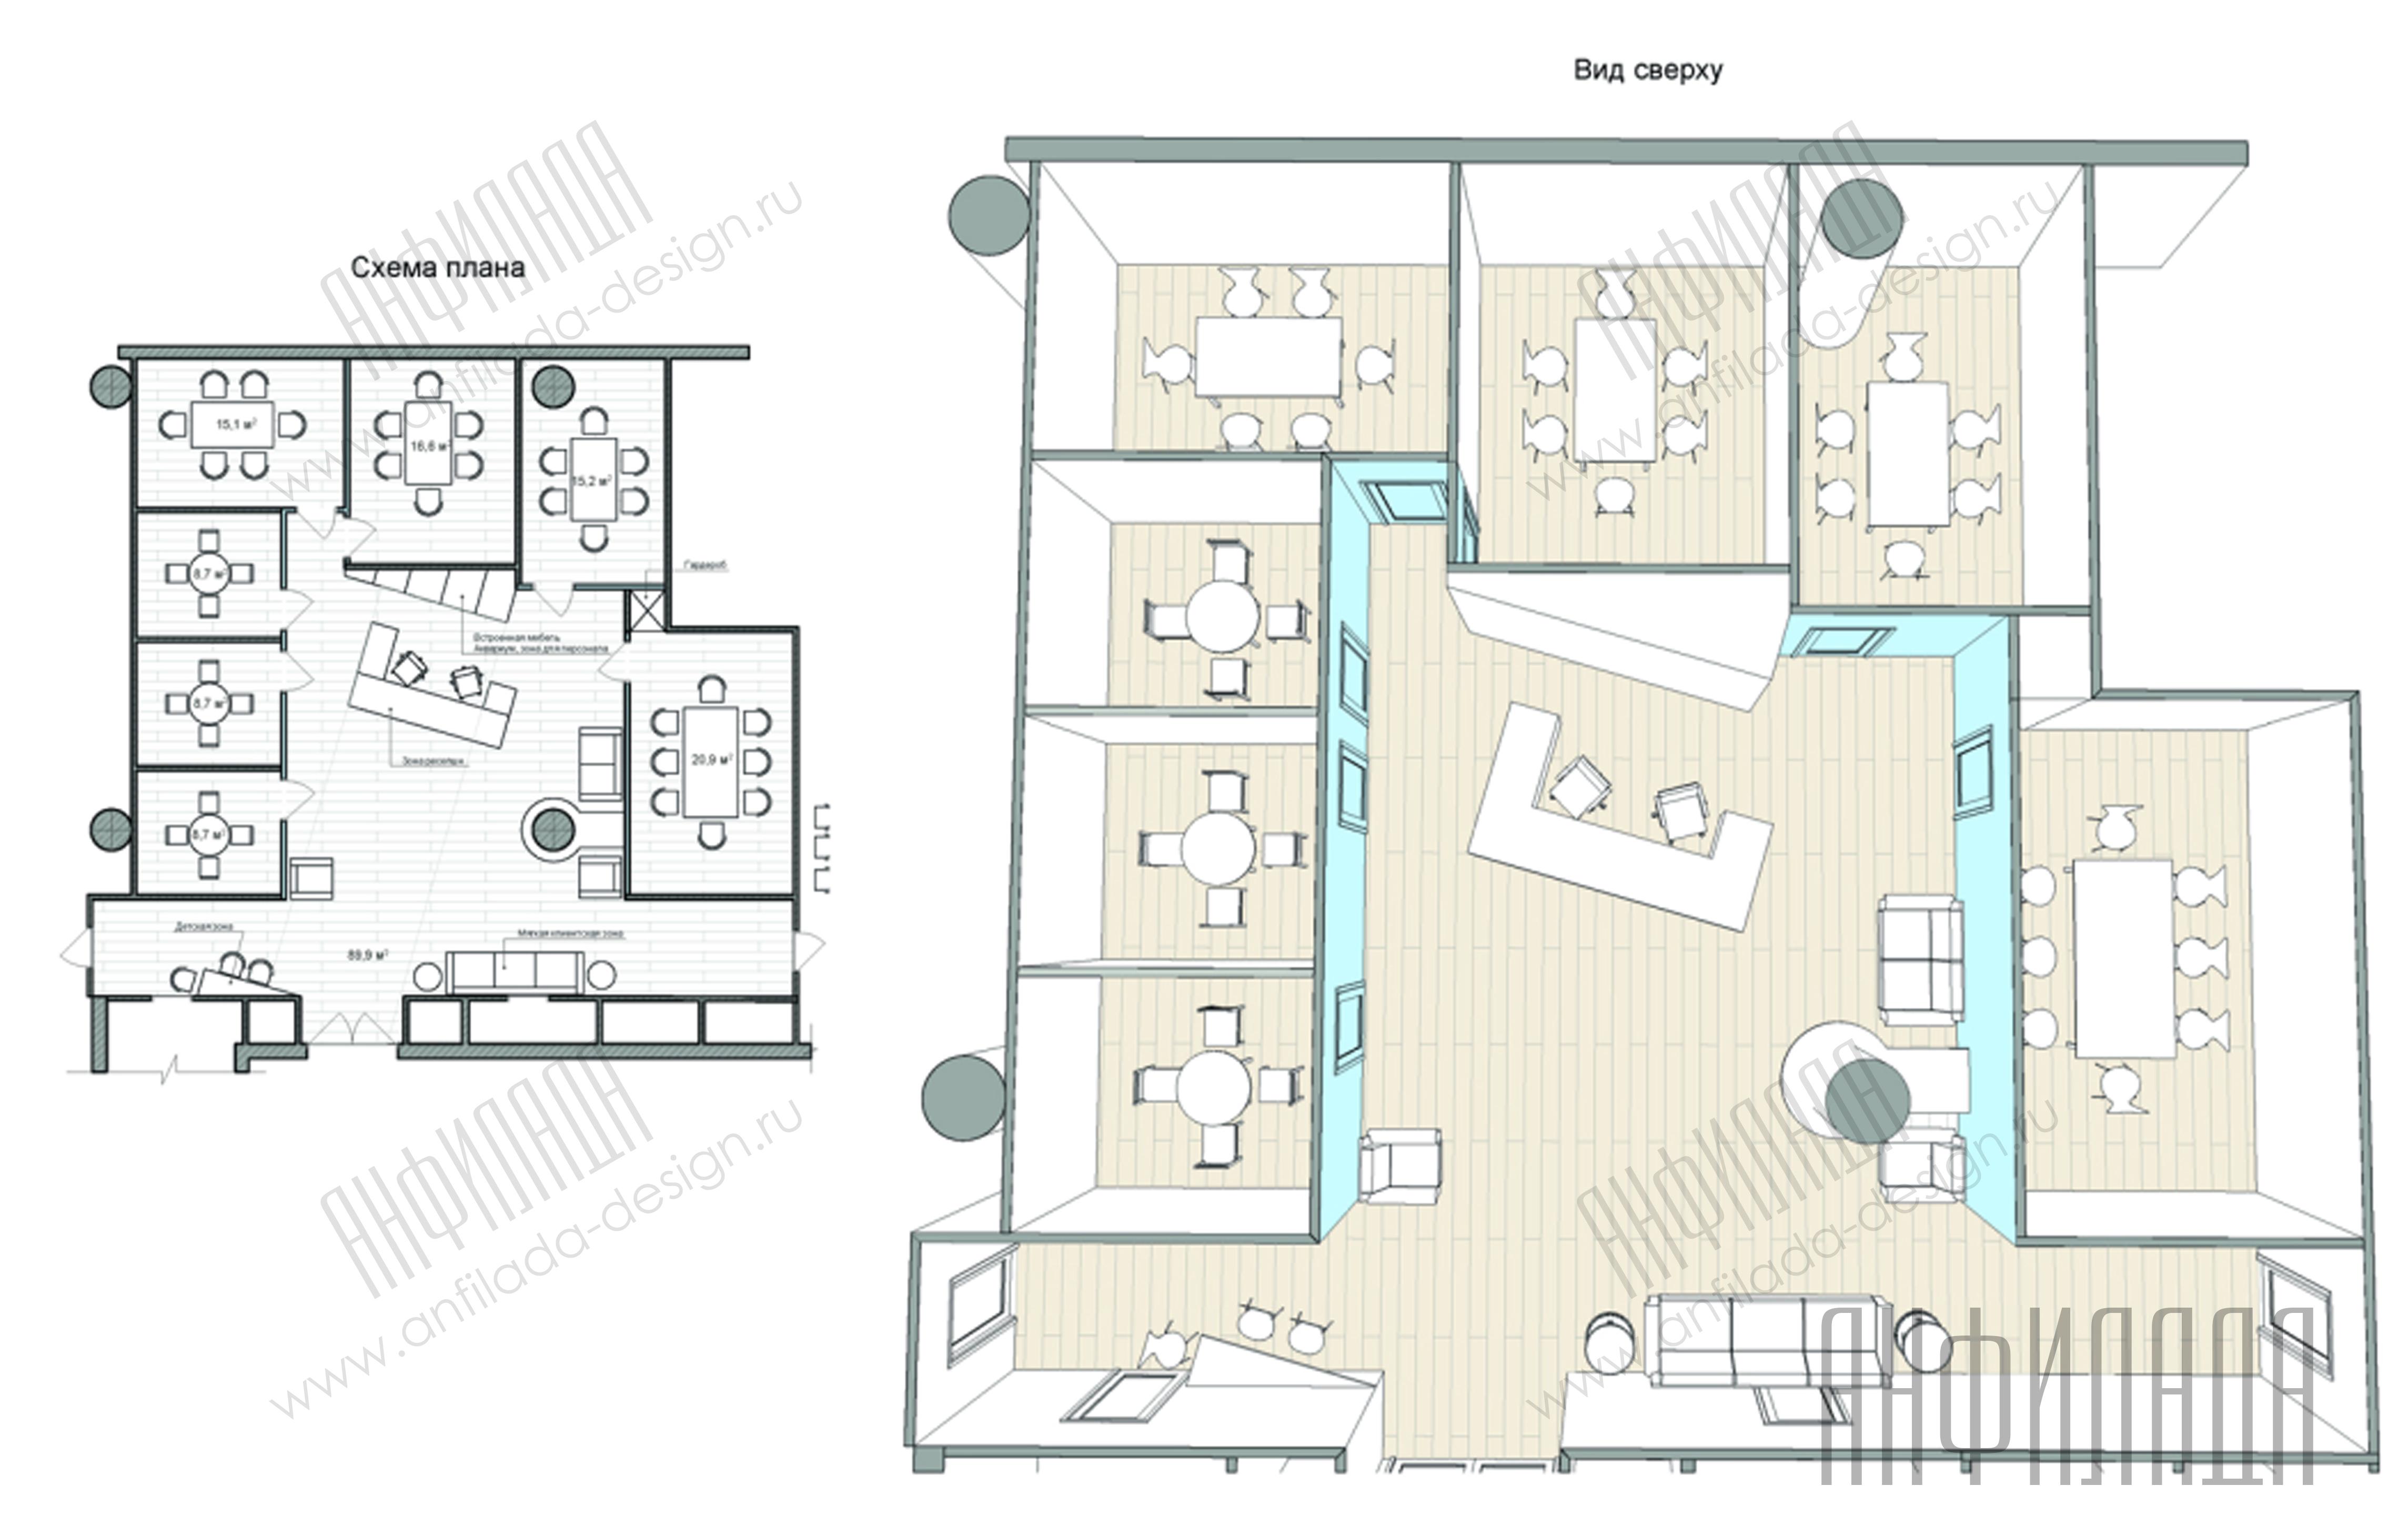 Анфилада план офиса 2